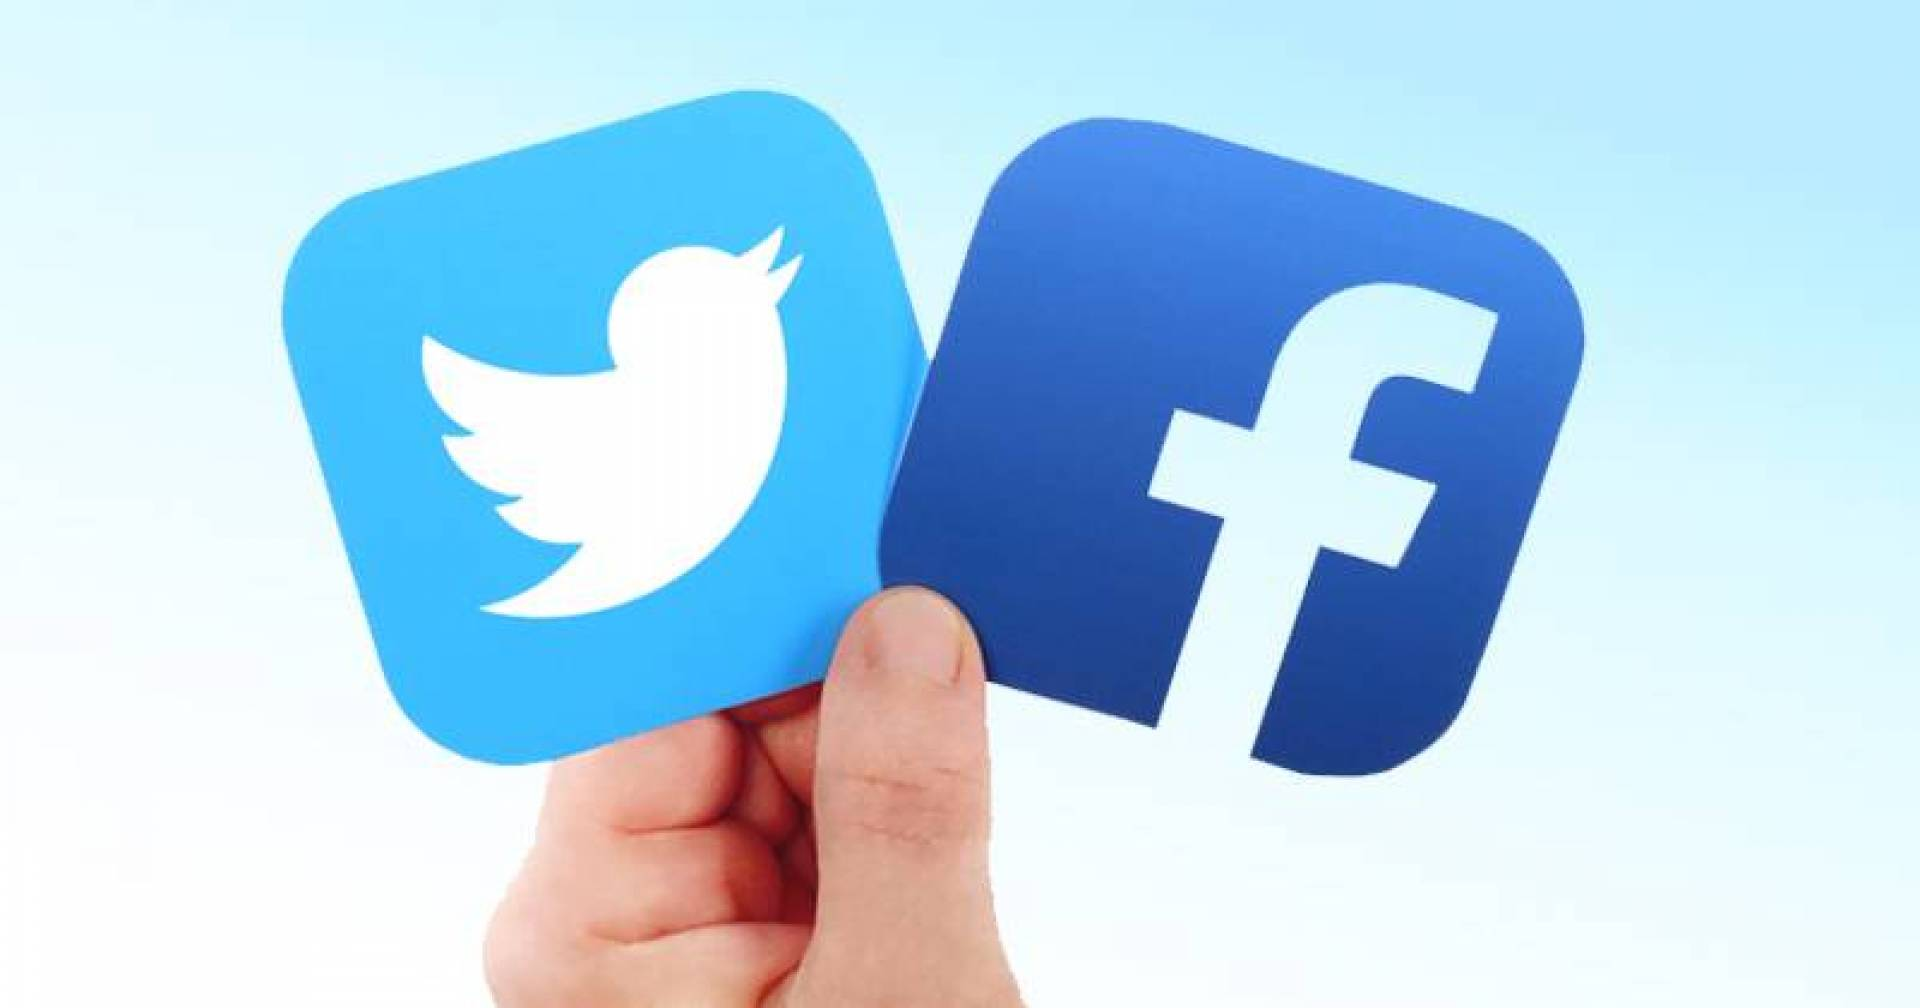 تعرف على كيفية وقف تشغيل الفيديوهات التلقائية على الفيس بوك وتويتر